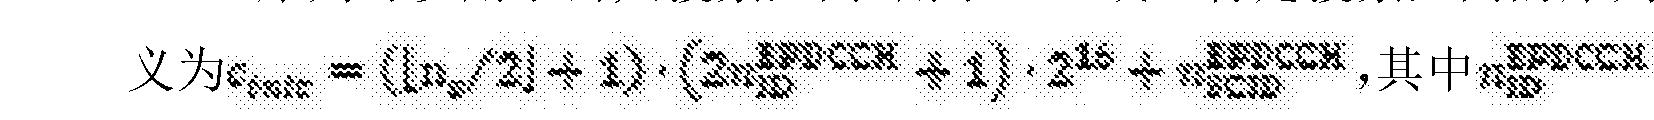 Figure CN104081709BD00551